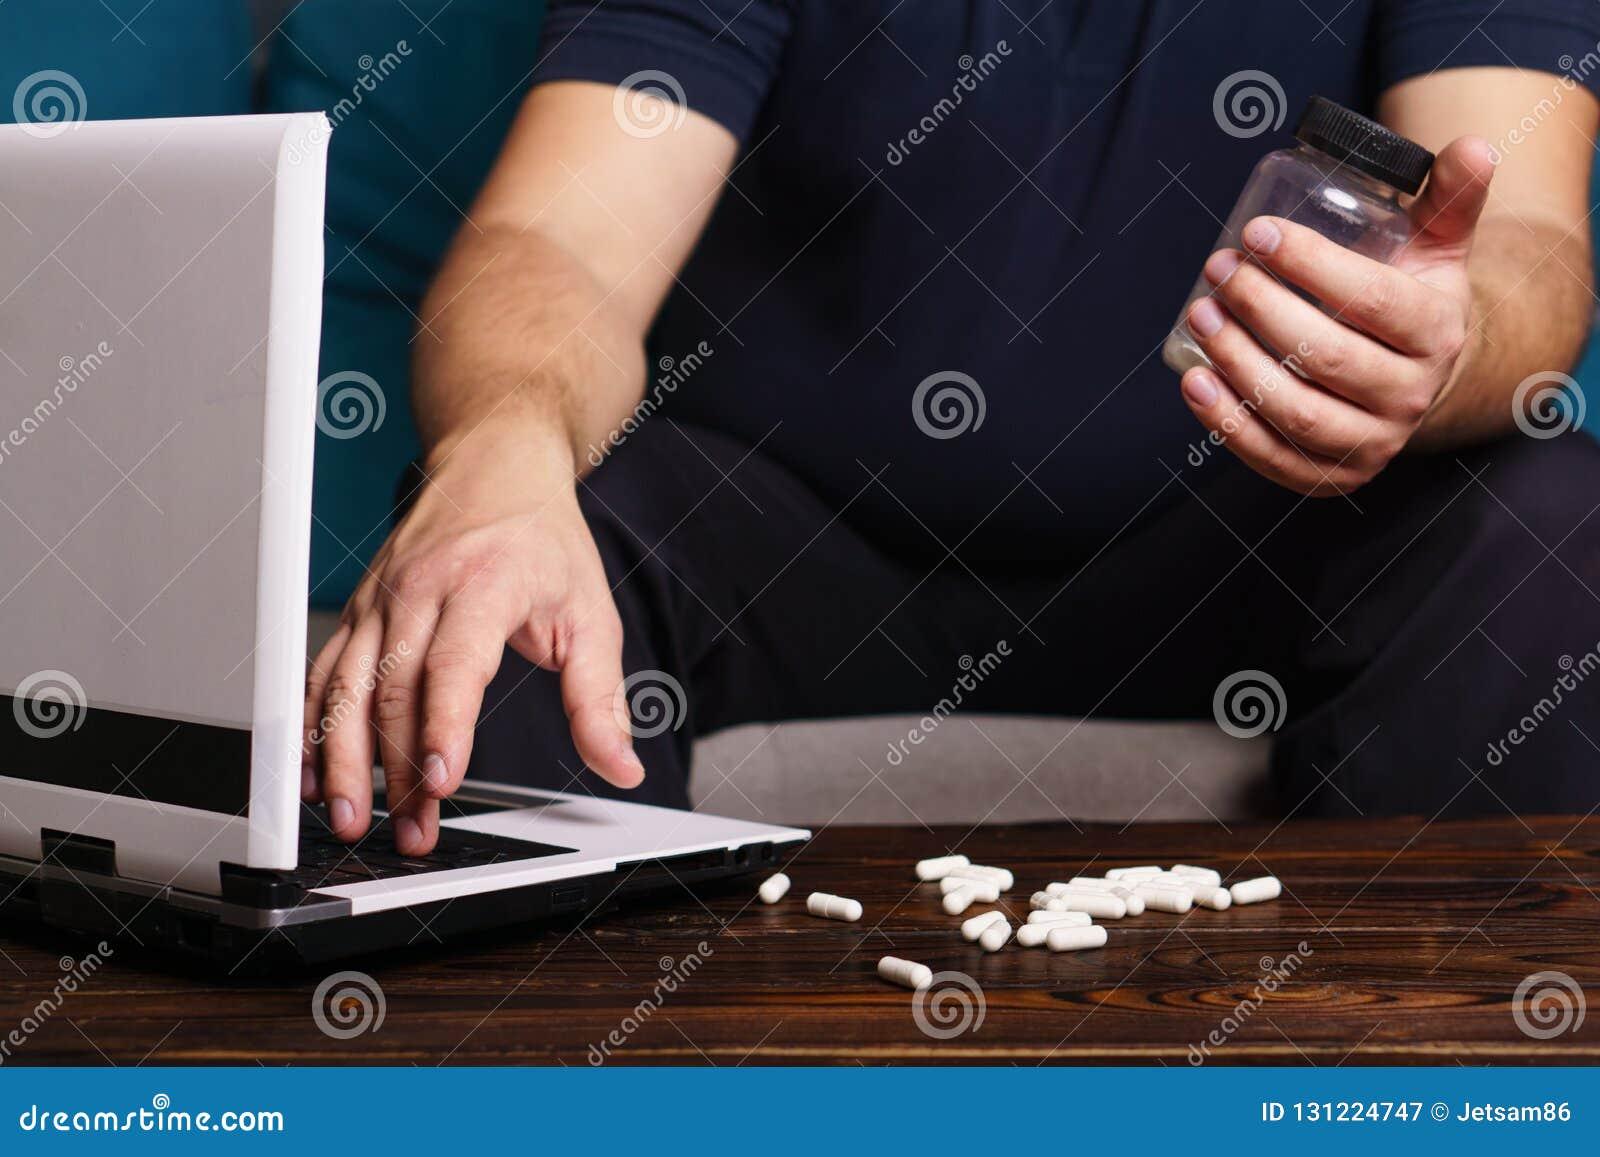 pérdida de peso en línea para hombres